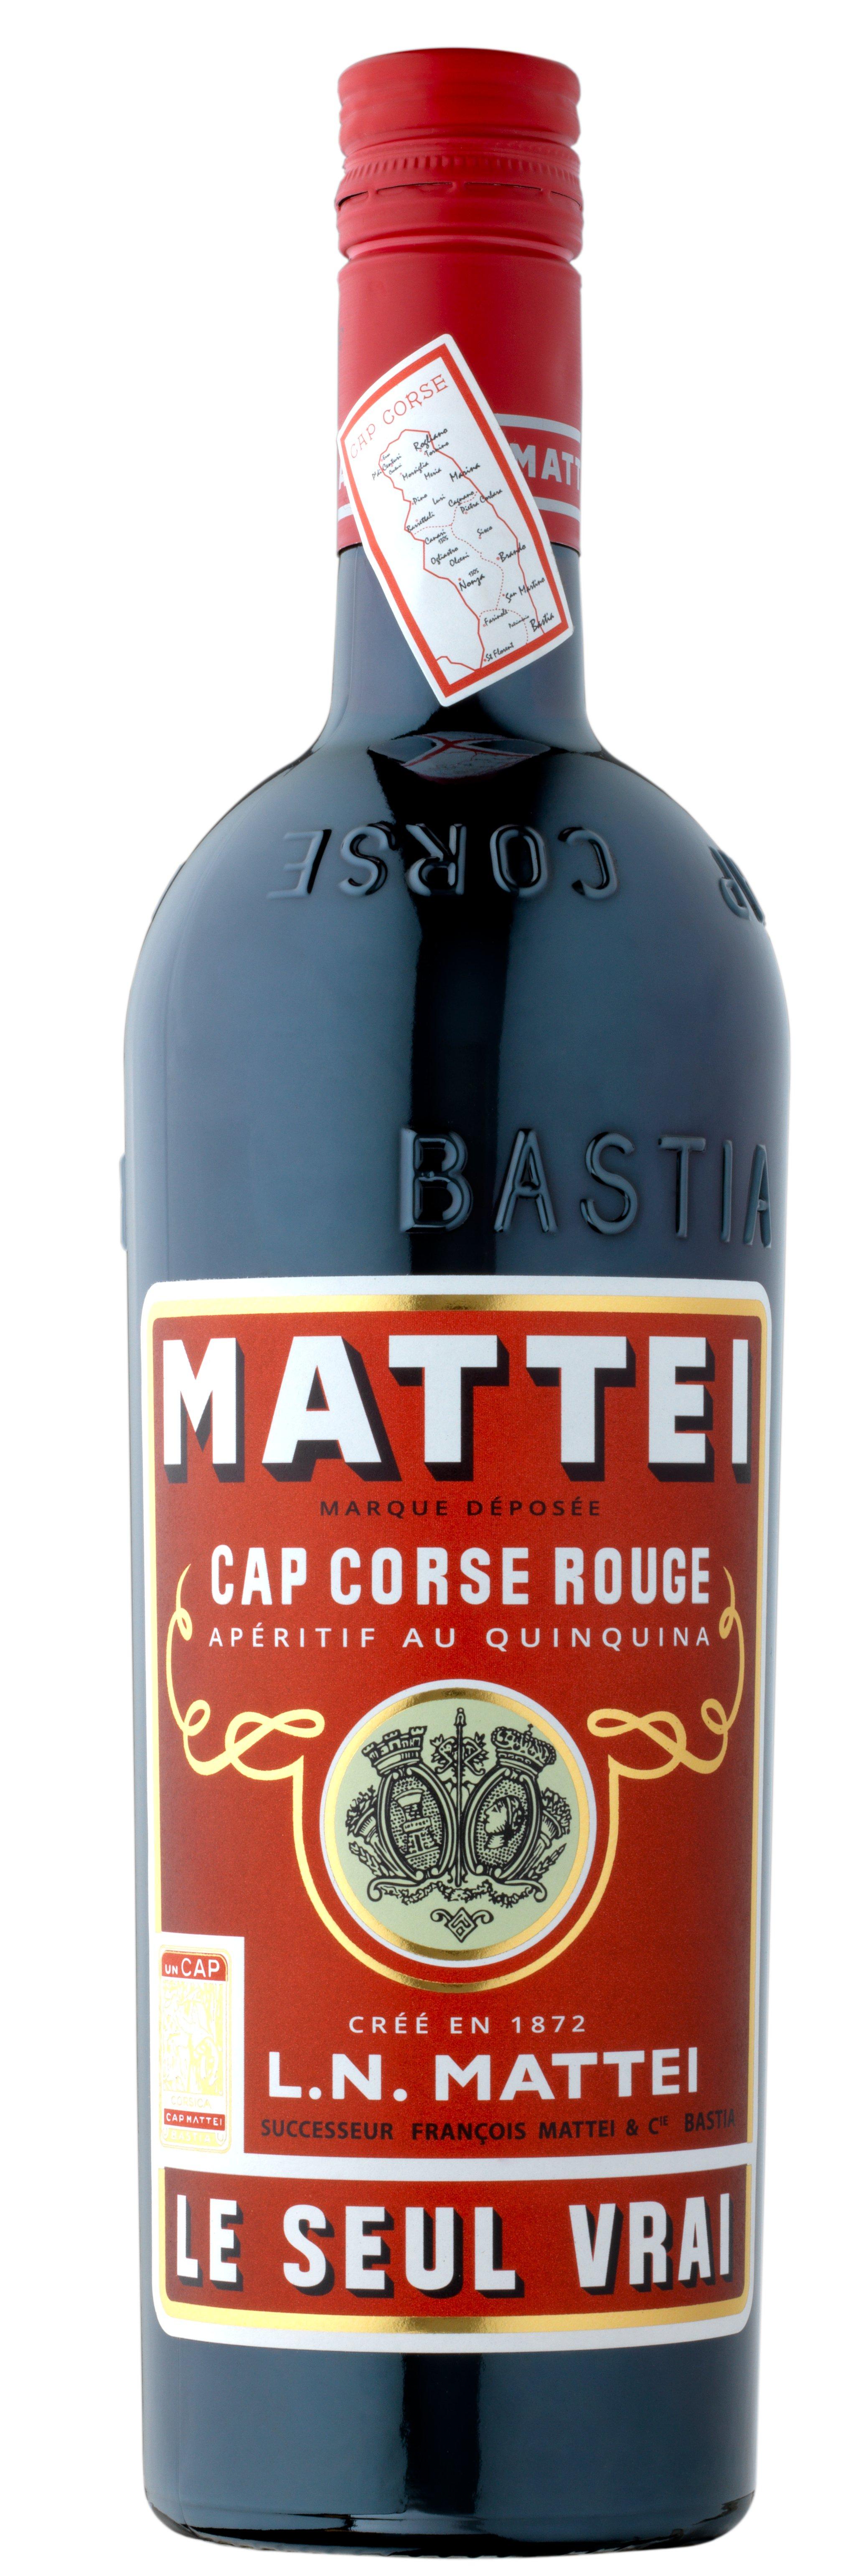 L.N. MATTEI Cap Corse Réserve Quinquina Rouge LE SEUL VRAI